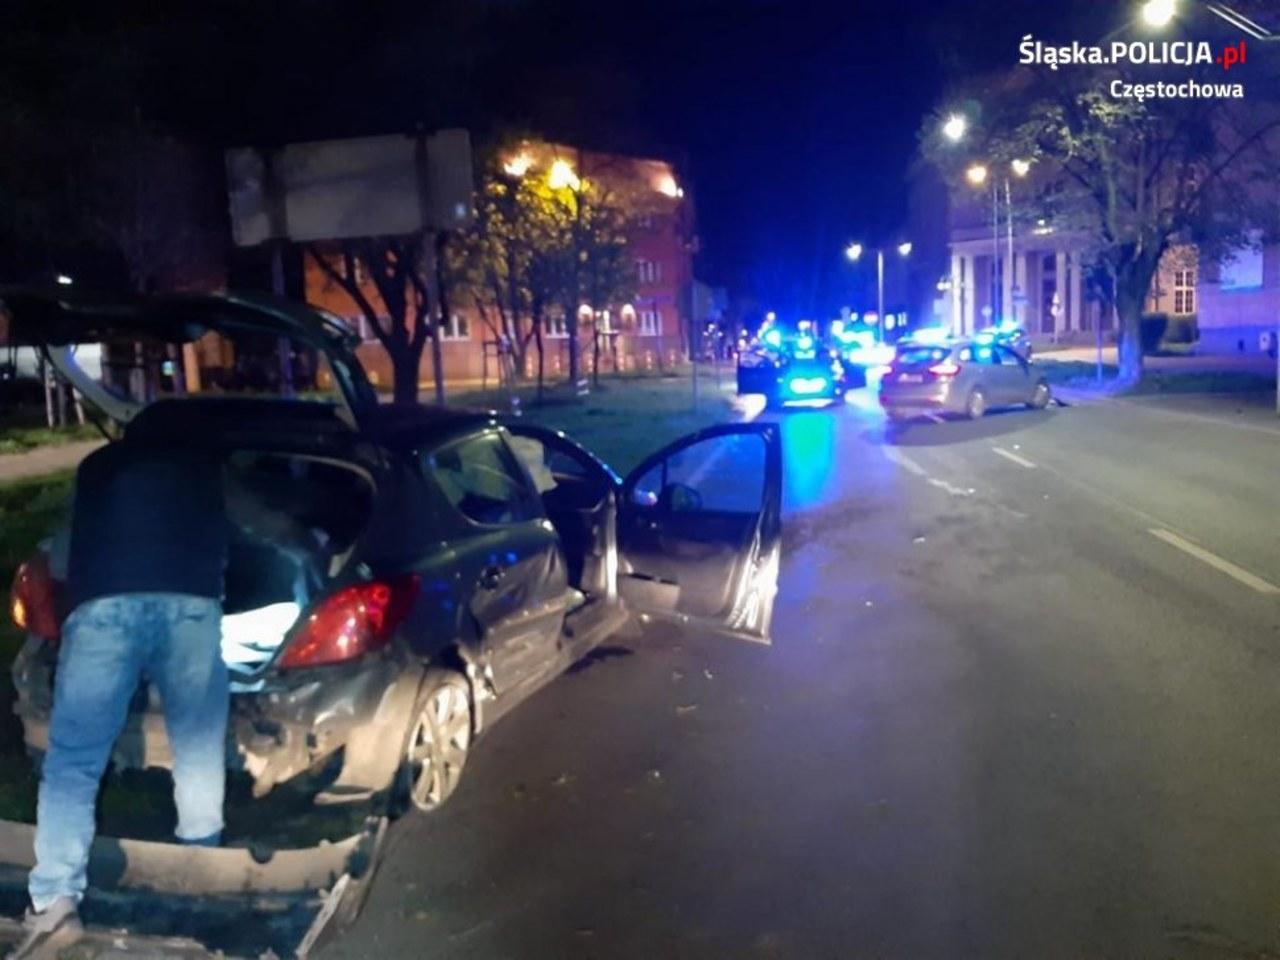 Policyjny pościg i strzały w Częstochowie. Kierowca aresztowany